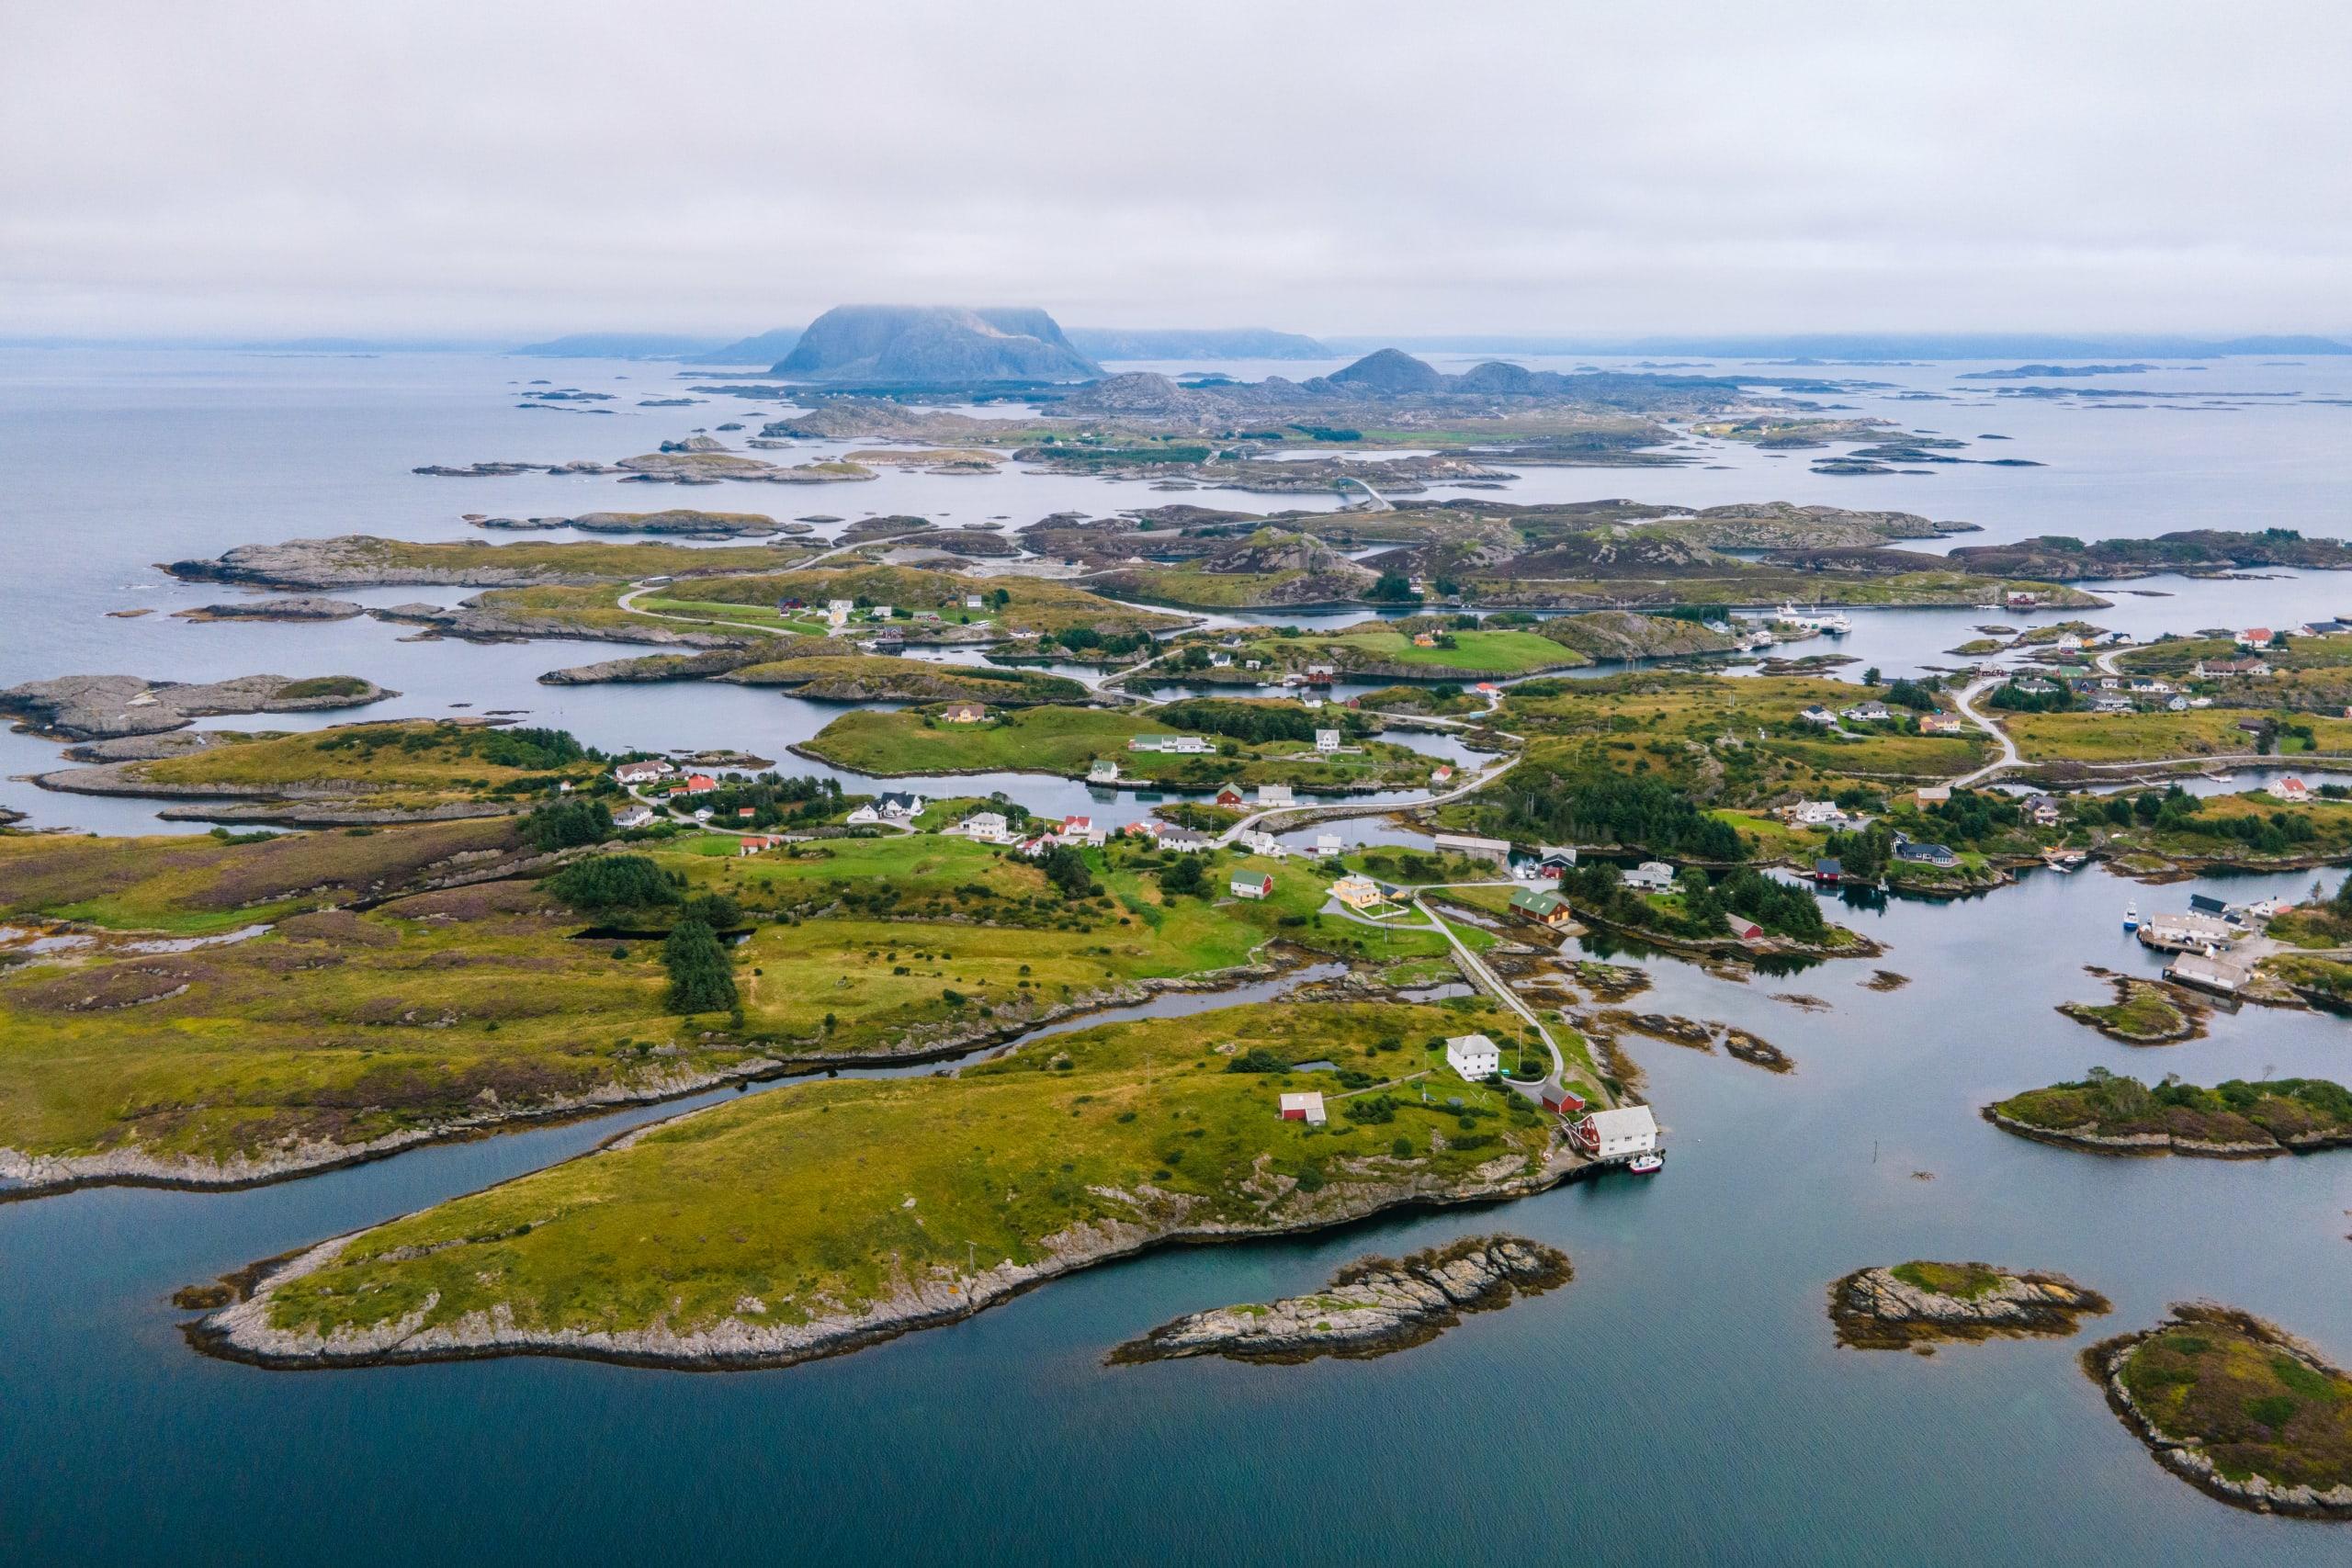 Bulandet and Værlandet island group